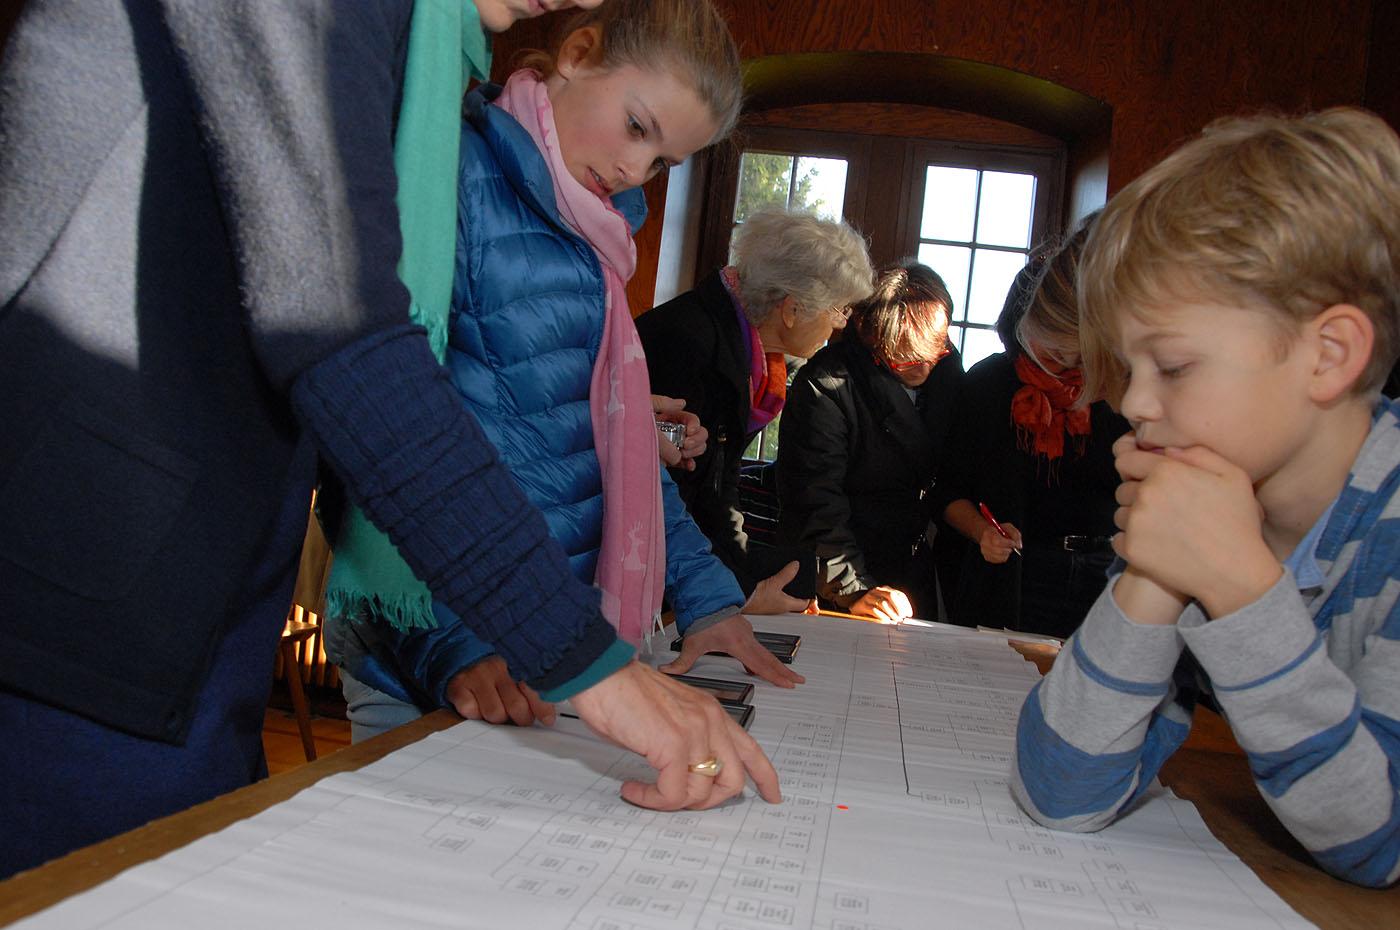 Familientag_23.11.14-Einsiedel_Foto bräu_167